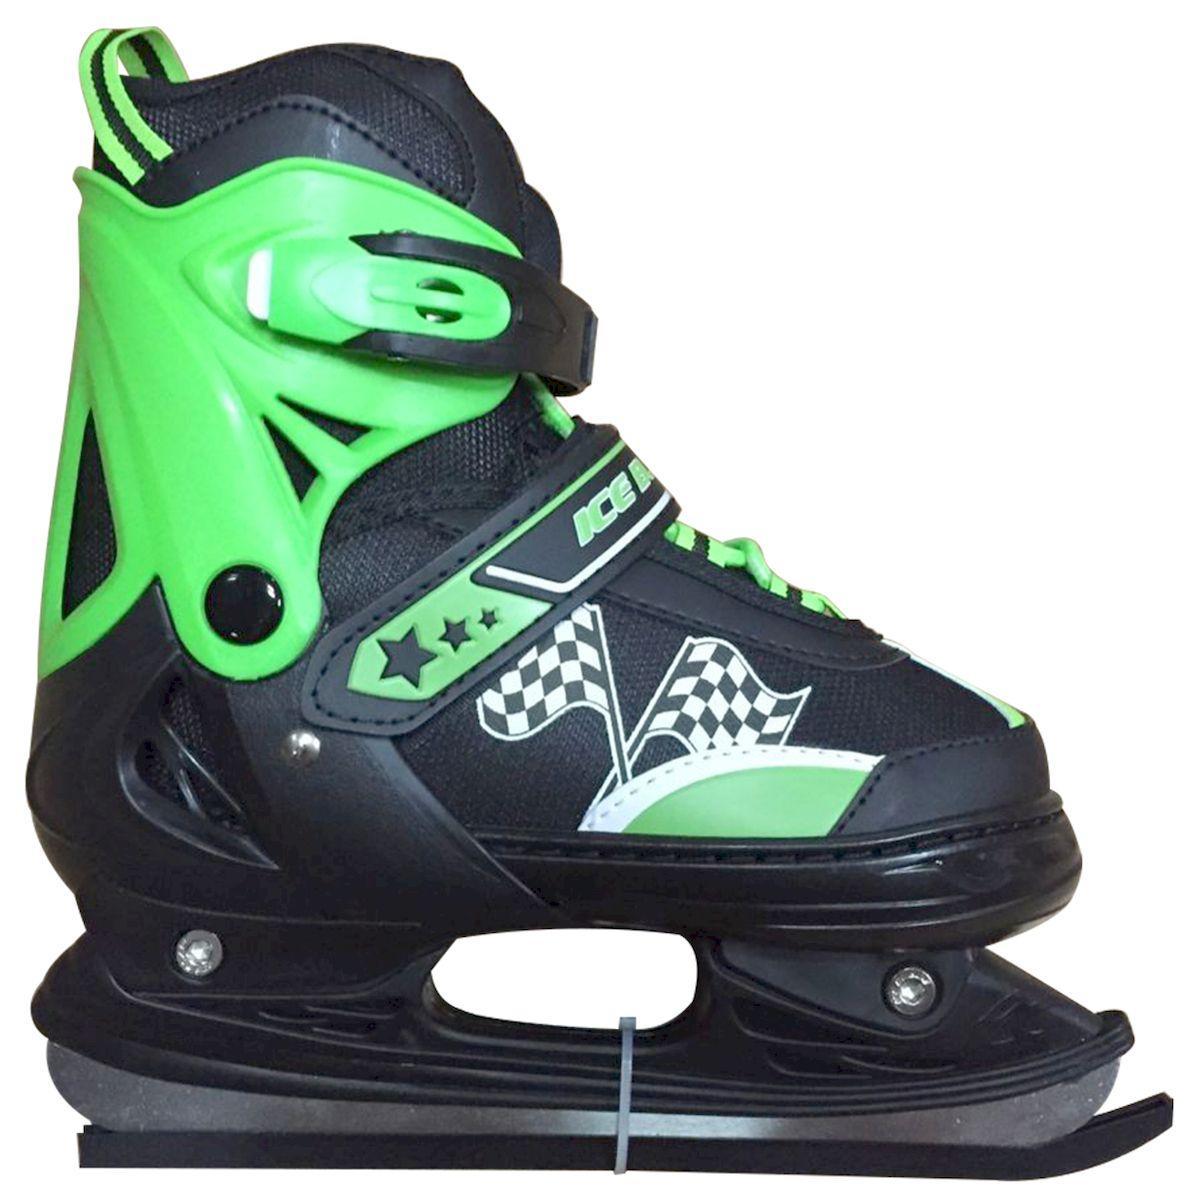 Коньки ледовые Ice Blade Winner, раздвижные, цвет: черный, зеленый. УТ-00006879. Размер XS (27/30)